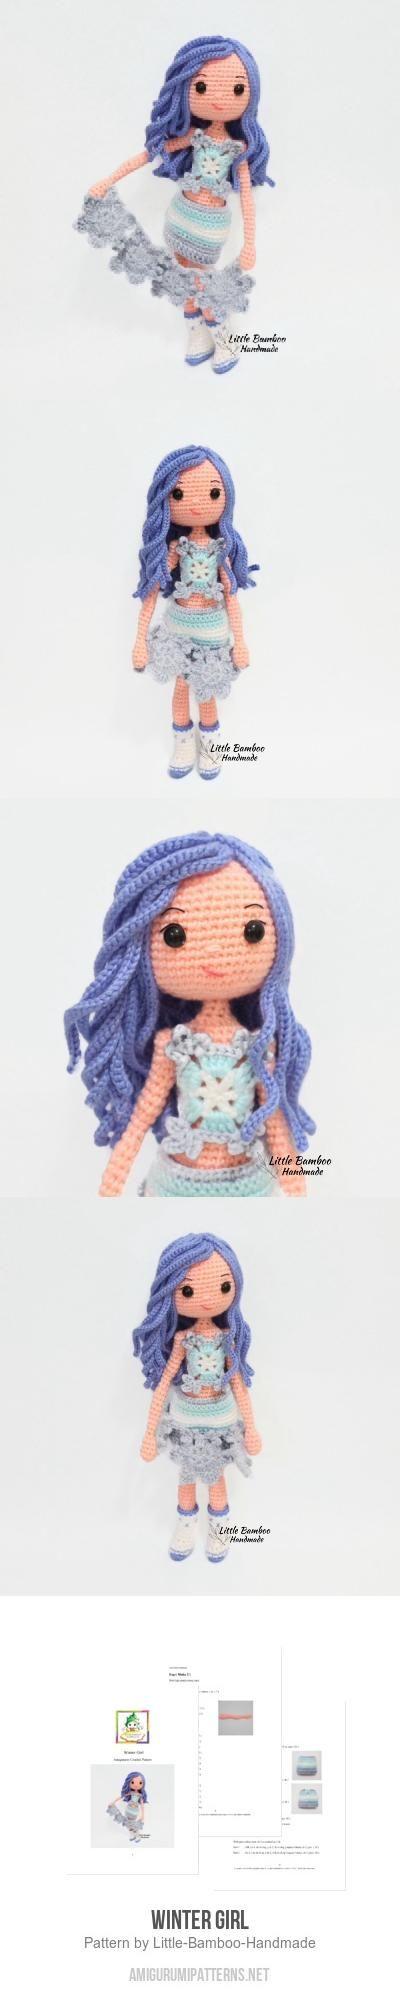 Winter Girl Amigurumi Pattern Lalylala Pinterest Haken